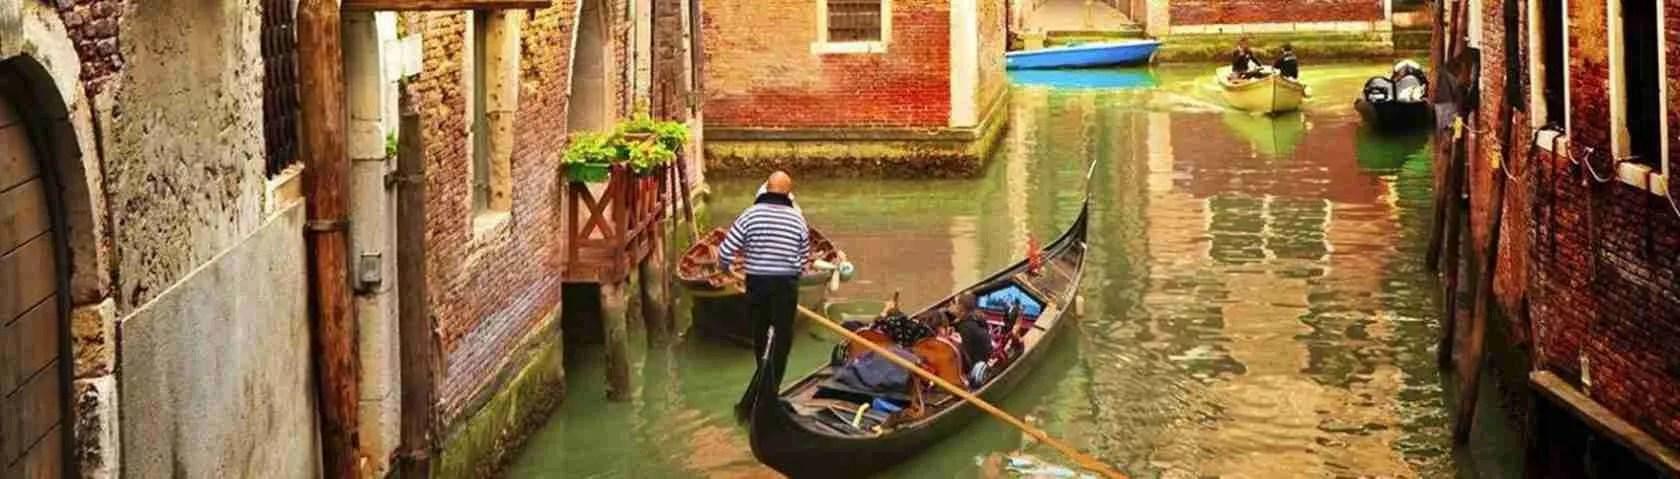 Le escort di Venezia sono le attuali cortigiane che passeggiano tra calli, campielli e ponti da attraversare.